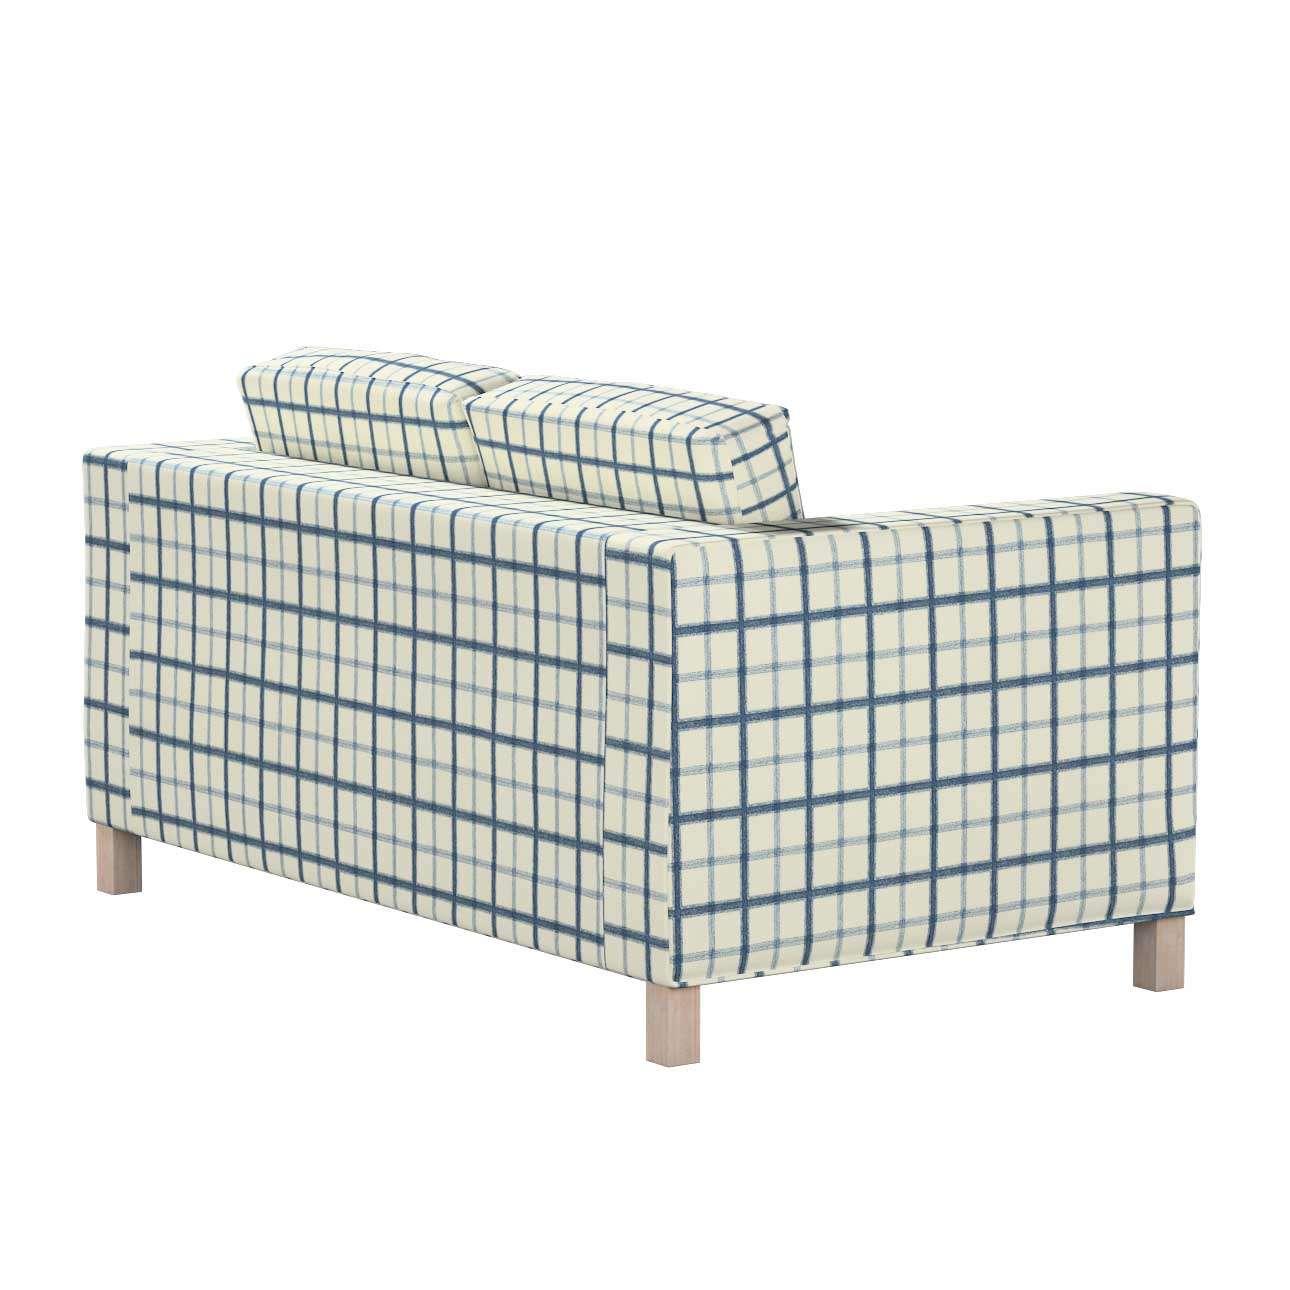 Bezug für Karlanda 2-Sitzer Sofa nicht ausklappbar, kurz von der Kollektion Avinon, Stoff: 131-66